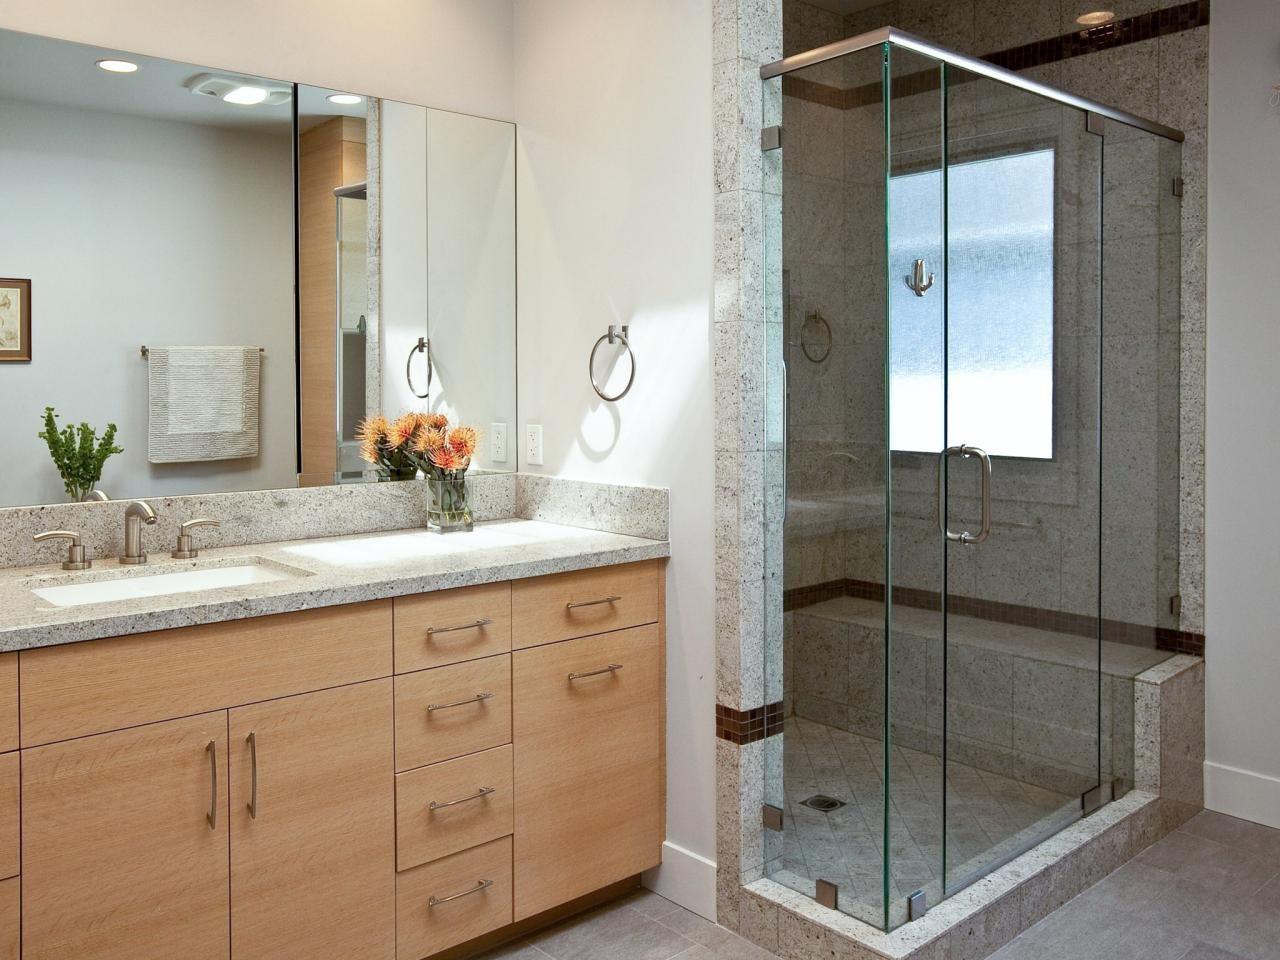 latest lowes bathroom vanity mirrors decoration-Stunning Lowes Bathroom Vanity Mirrors Photo